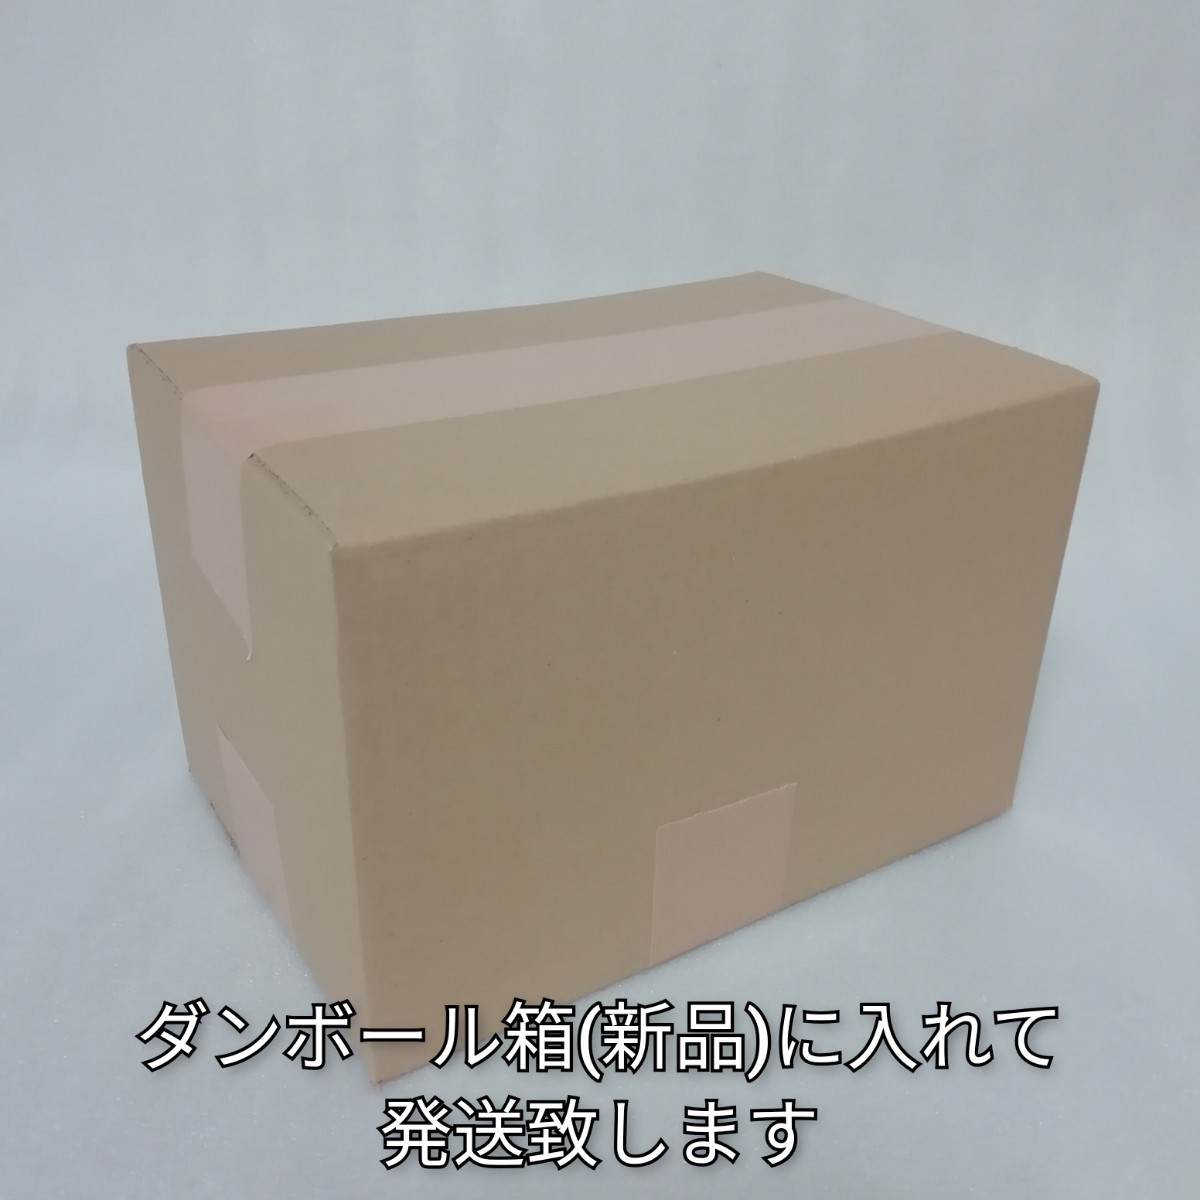 豆の状態 澤井珈琲 ブレンドフォルテシモ 2袋 1袋500g コーヒー豆 コーヒー 珈琲